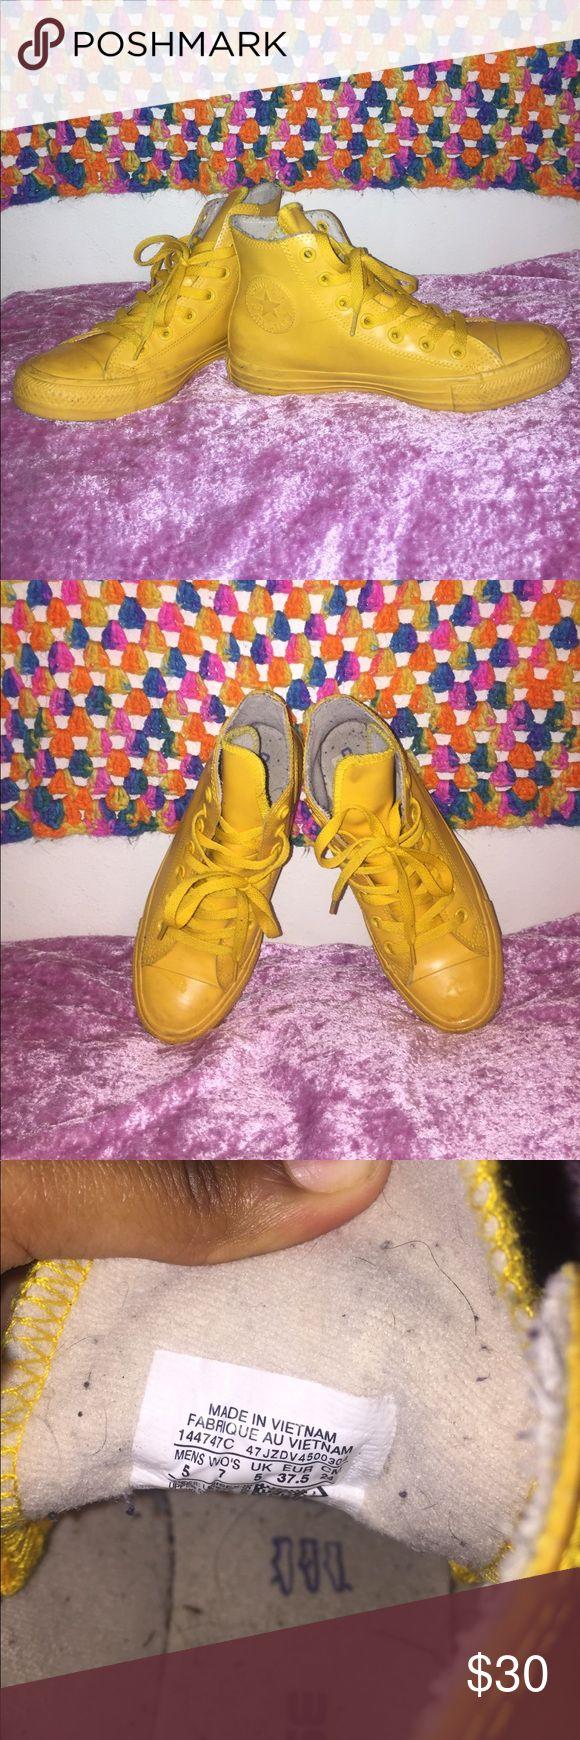 Rain boot Converse Wild honey color converse / size US men's 5 / women's 7 Converse Shoes Sneakers